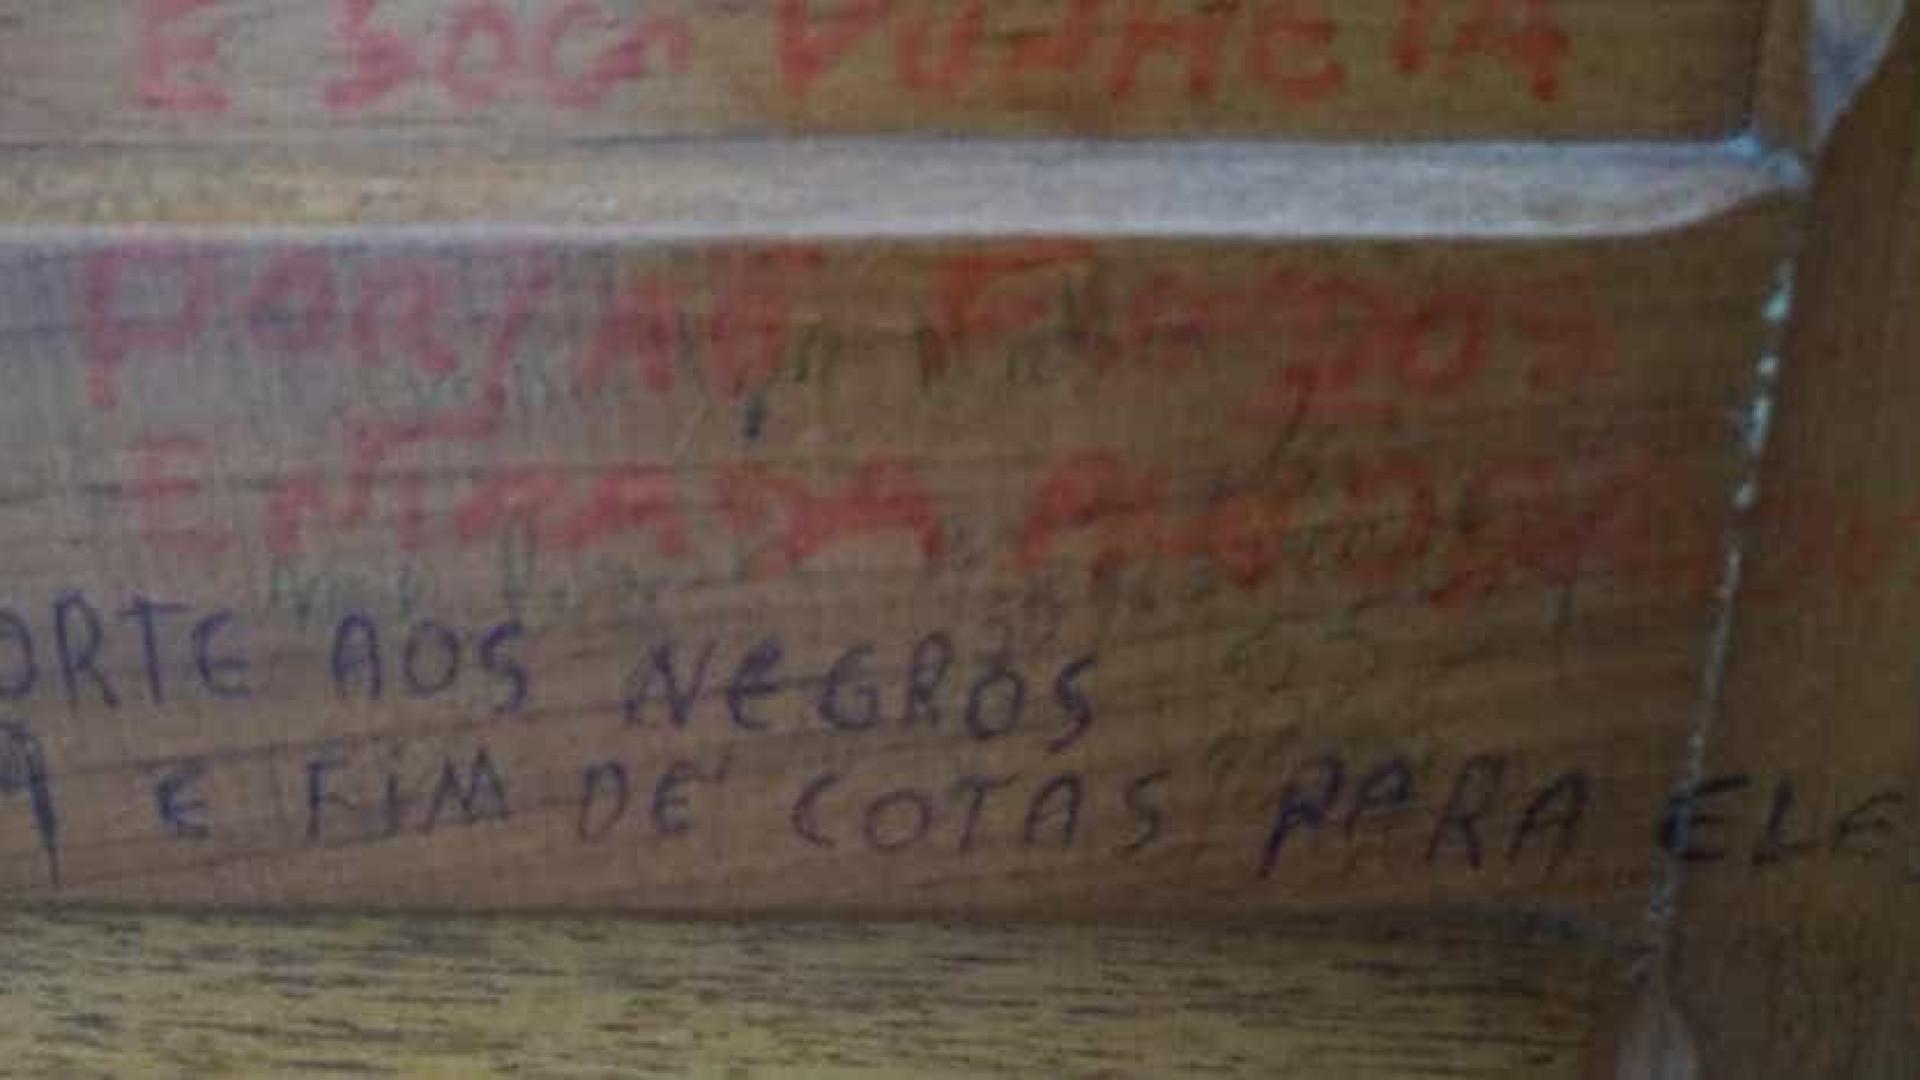 Frases racistas são encontradas em banheiro de universidade no RS